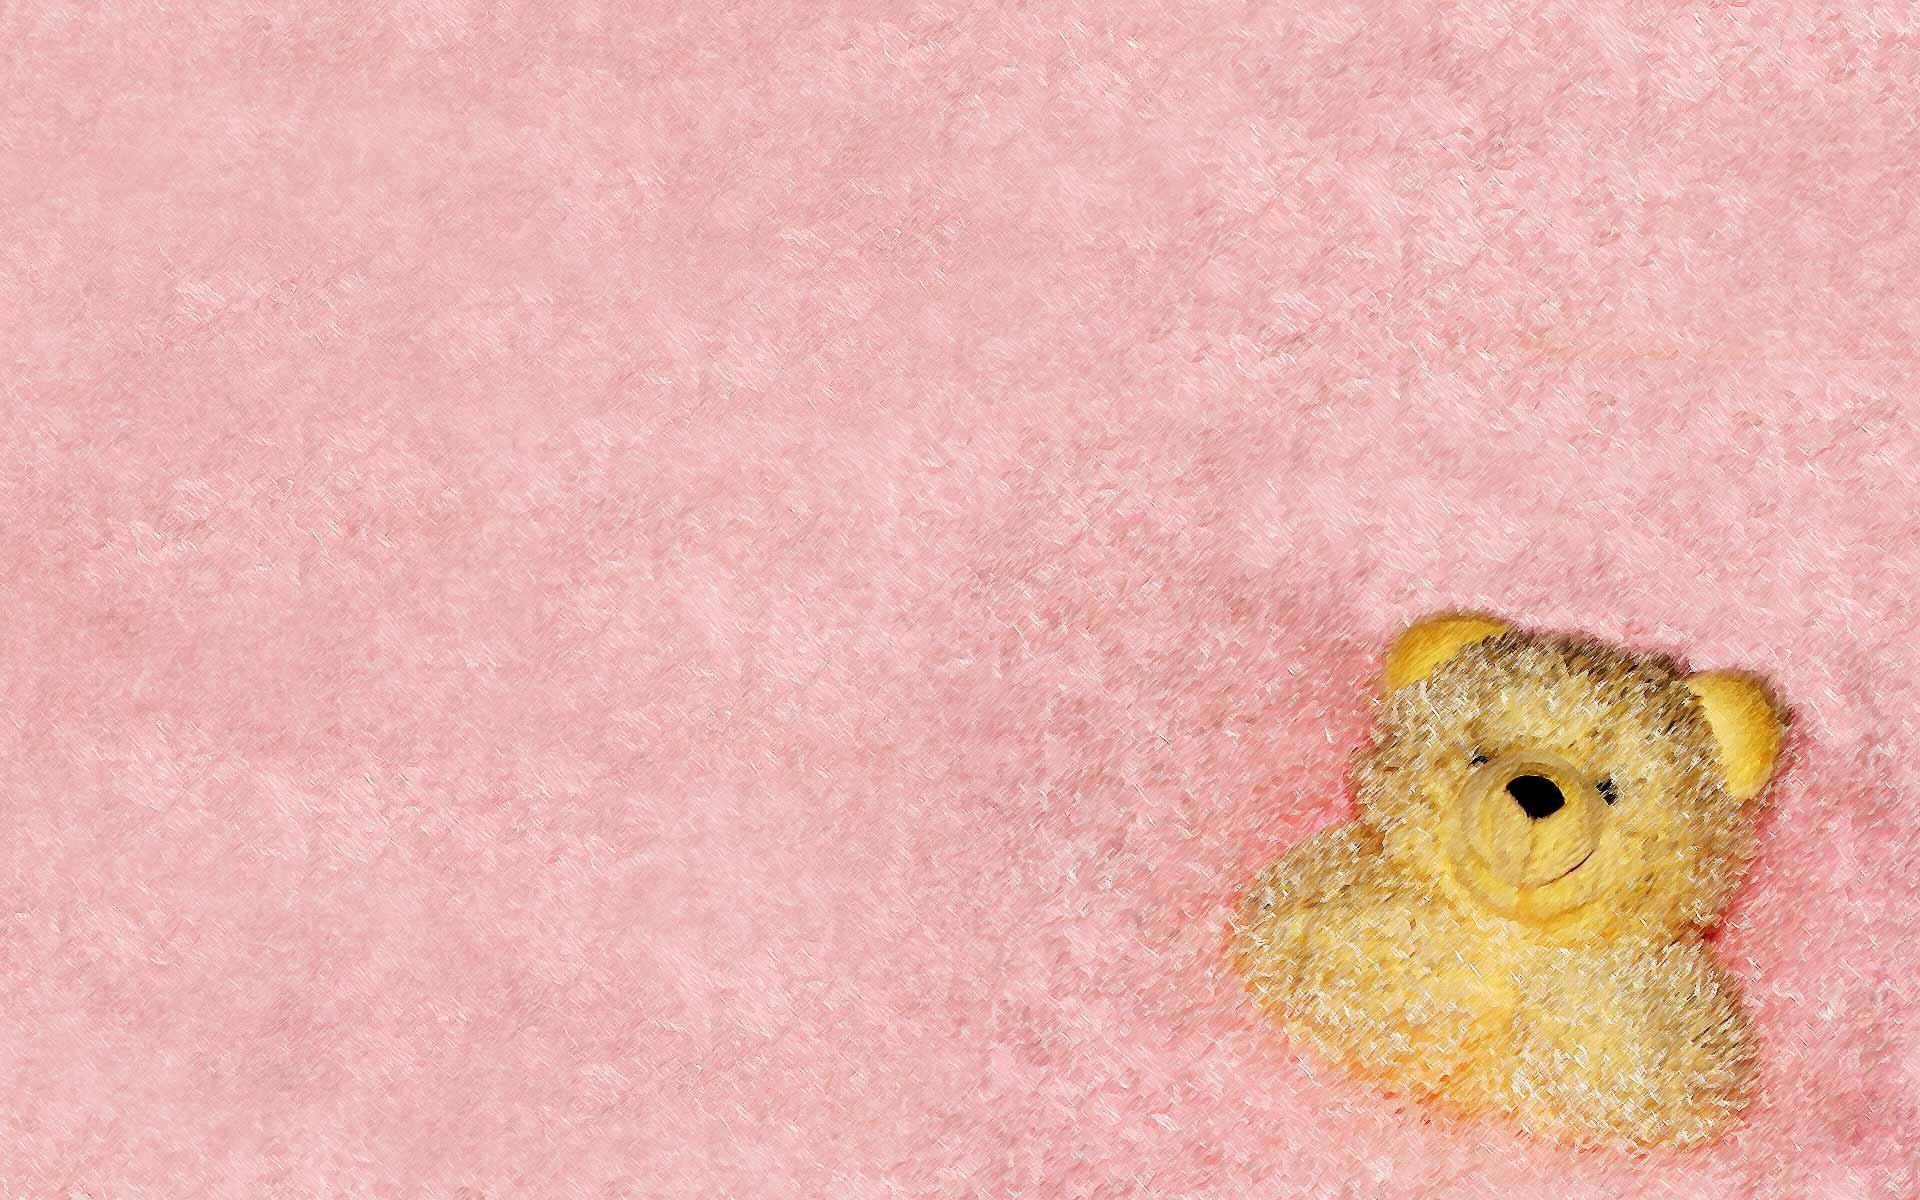 wallpaper.wiki-Teddy-Bear-Cute-Wallpaper-PIC-WPD009661